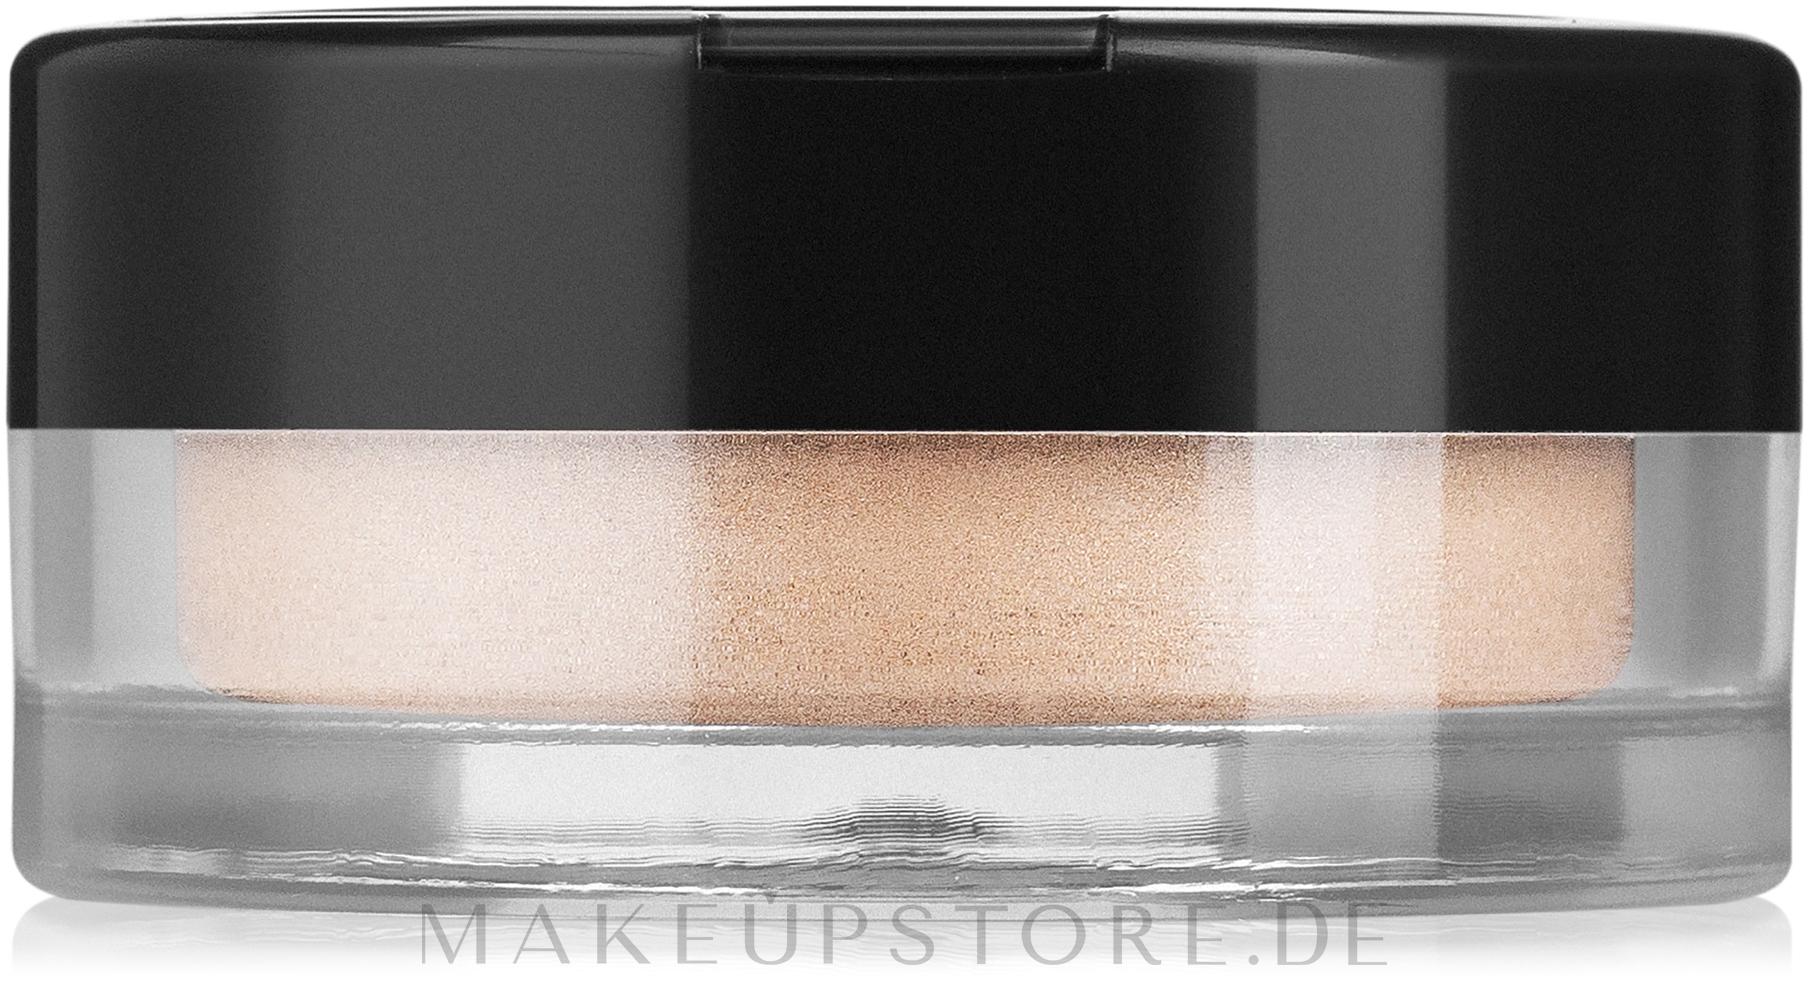 Hypoallergener schimmernder Bronzepuder für Gesicht und Körper - Bell HypoAllergenic Shimmering Loose Powder — Bild 01